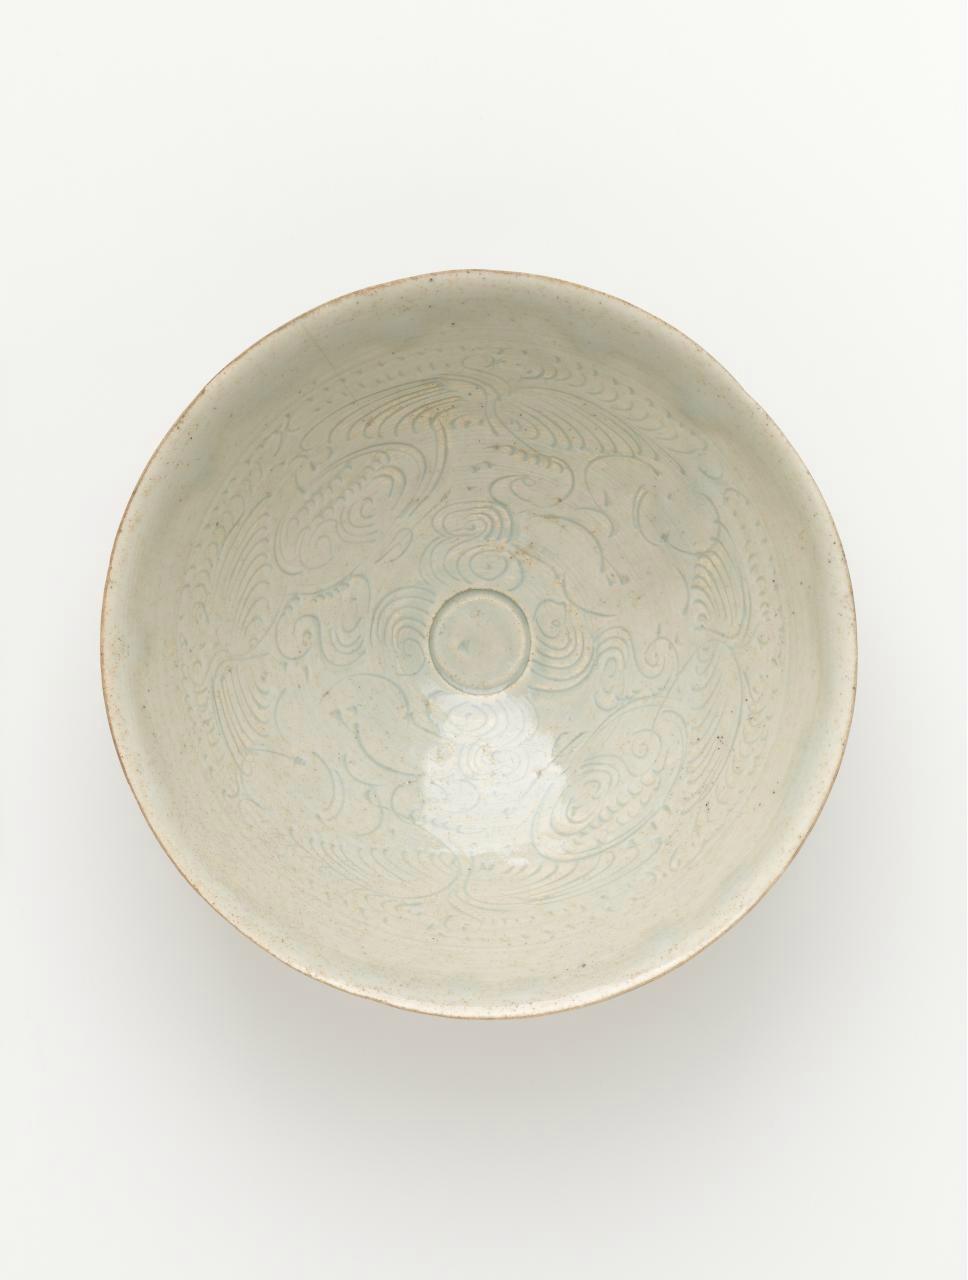 Bowl, Southern Song dynasty, 1127-1279, Qingbai ware 3